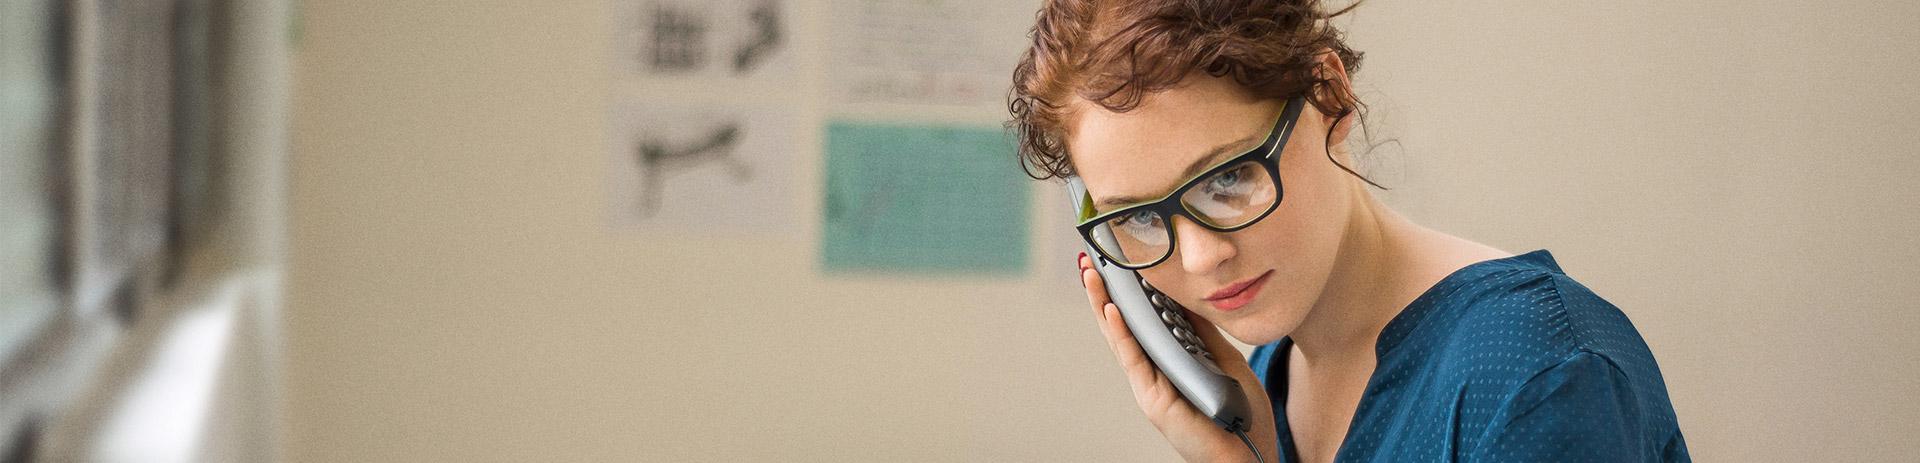 VoIP-Lösung von A1